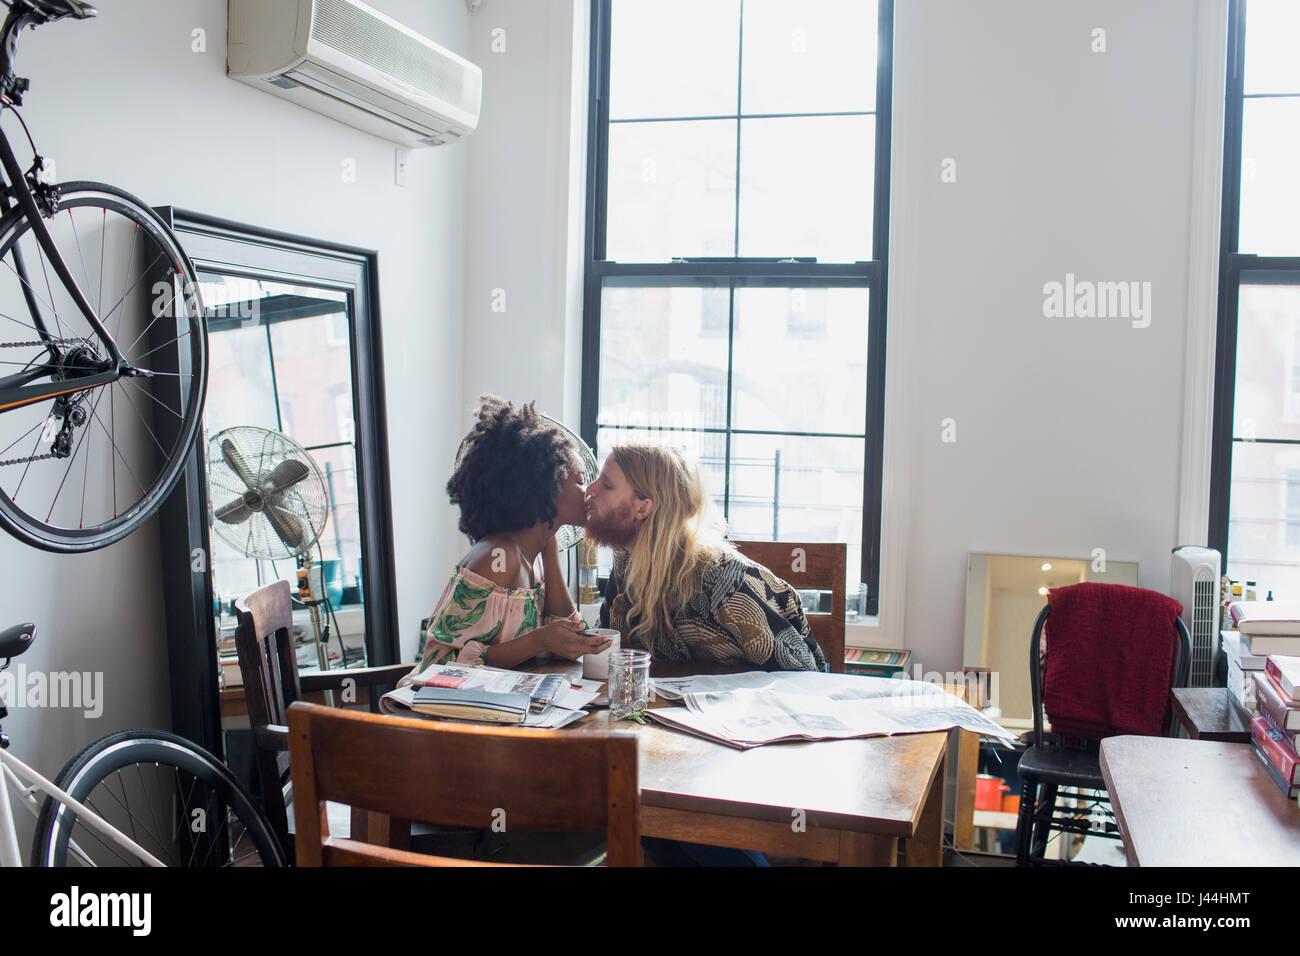 Un couple à une table à manger Photo Stock